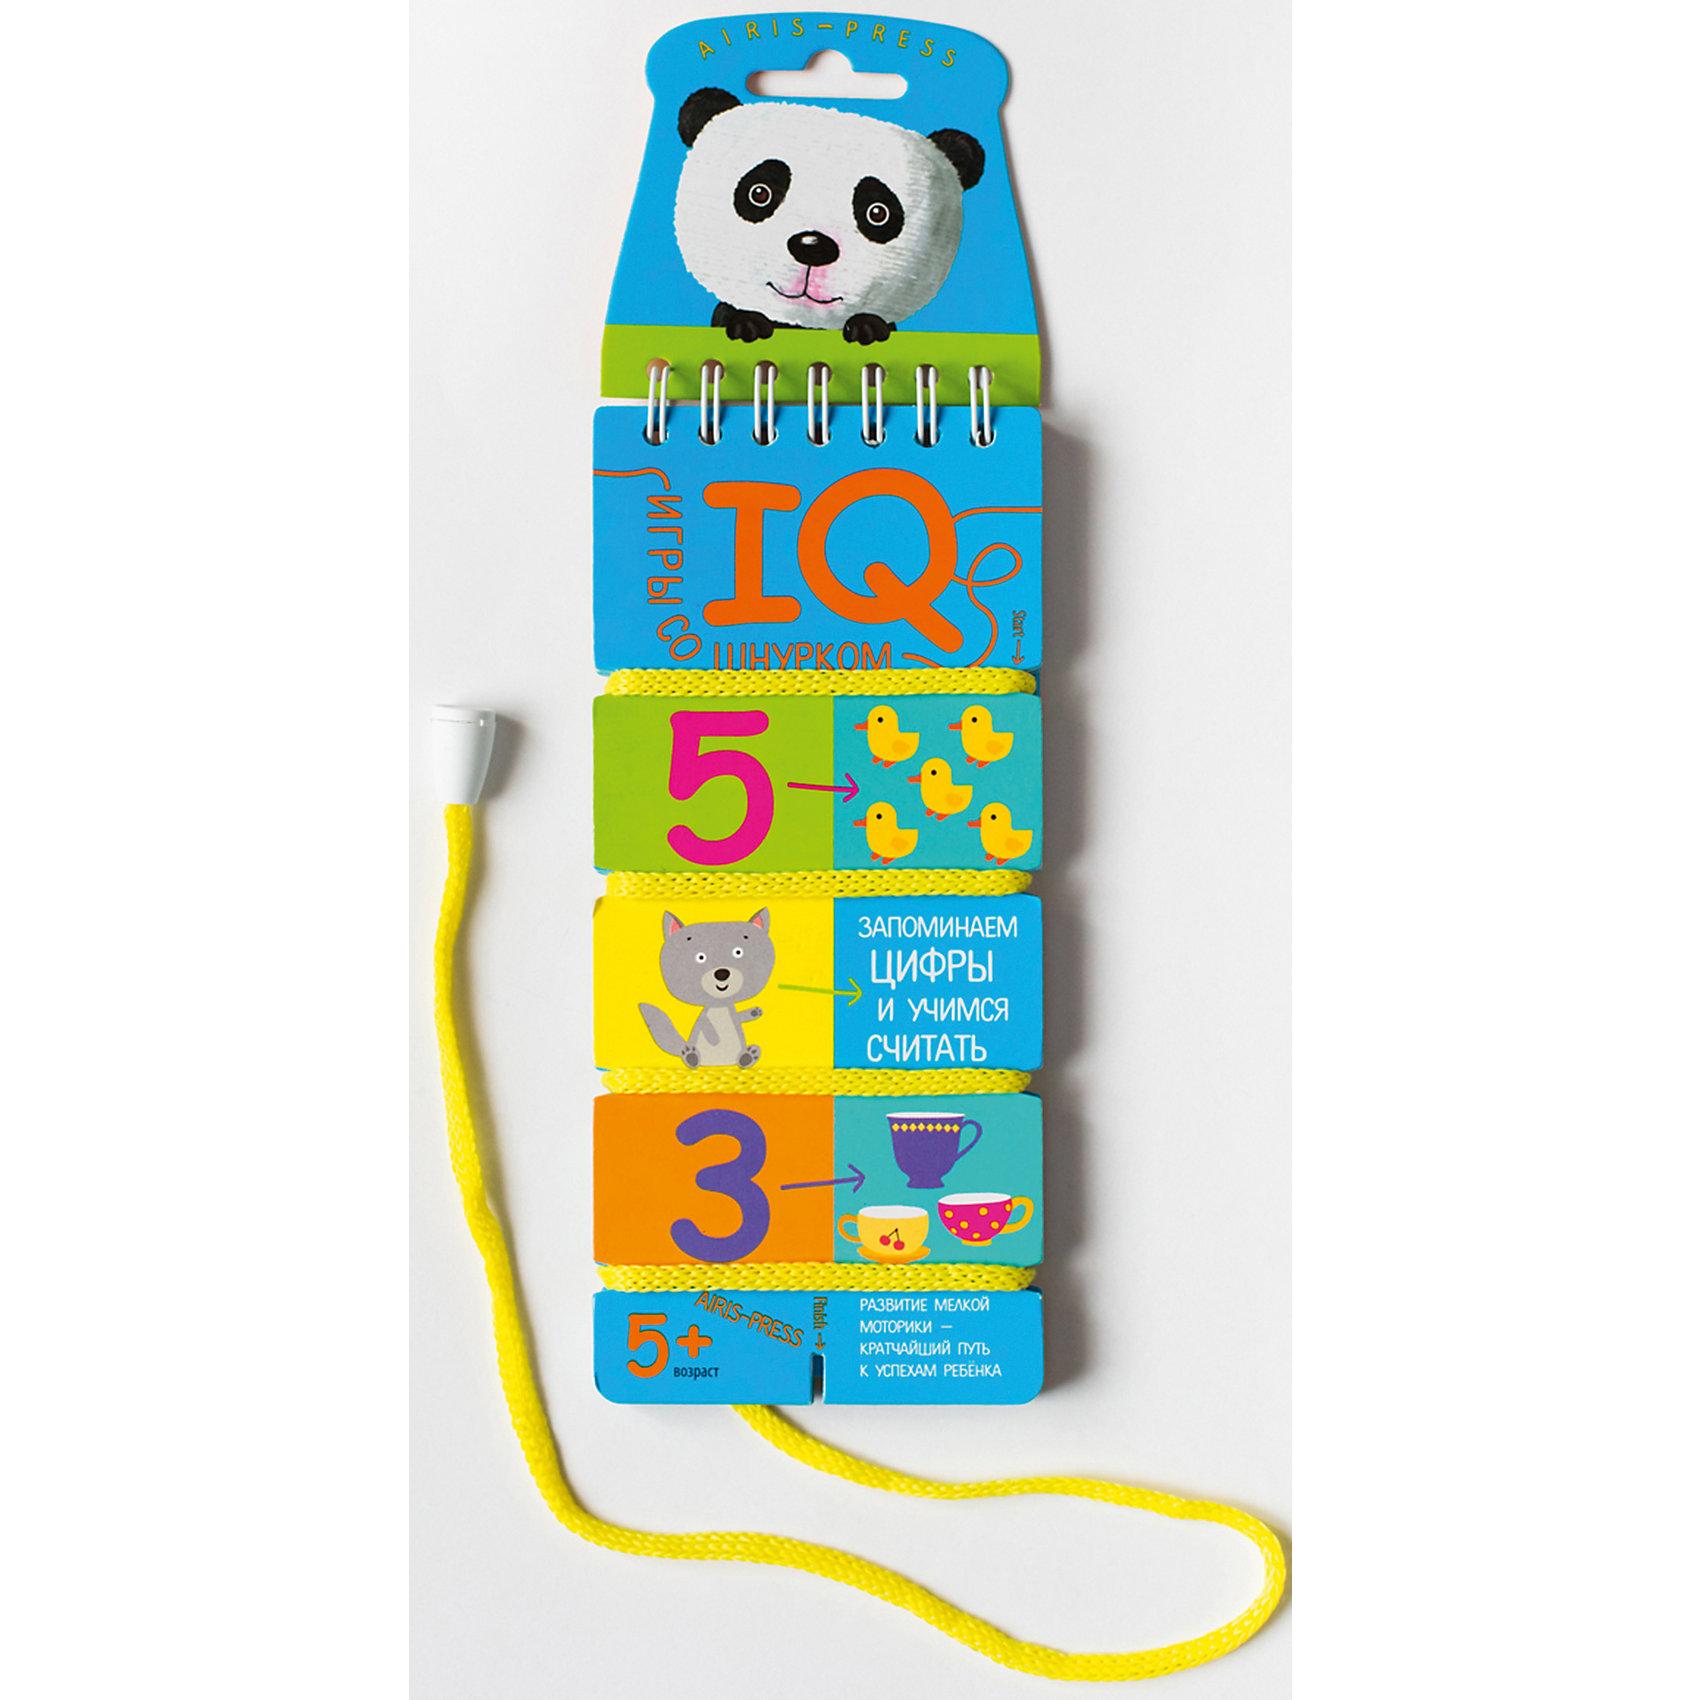 Игры со шнурком Запоминаем цифры и учимся считатьШнуровки<br>Запоминаем цифры и учимся считать - это игровое пособие для развития мышления и математических навыков. Пособие, ориентированное на самостоятельную деятельность ребёнка, представляет собой небольшой блокнот со шнурком, состоящий из 18 картонных карточек. Выполняя задания на карточках-страничках, ребёнок рассматривает картинки с цифрами, запоминает цифры и учится считать. Проверить правильность своих ответов ребёнок сможет самостоятельно по линиям на оборотной стороне карточек, тем самым развивая мелкую моторику и координацию движений. Простота и удобство пособия позволяют использовать его в детском саду, дома и на отдыхе.&#13;<br>Предназначен для детей старше 5 лет.<br><br>Ширина мм: 36<br>Глубина мм: 70<br>Высота мм: 160<br>Вес г: 62<br>Возраст от месяцев: 60<br>Возраст до месяцев: 84<br>Пол: Унисекс<br>Возраст: Детский<br>SKU: 6849568